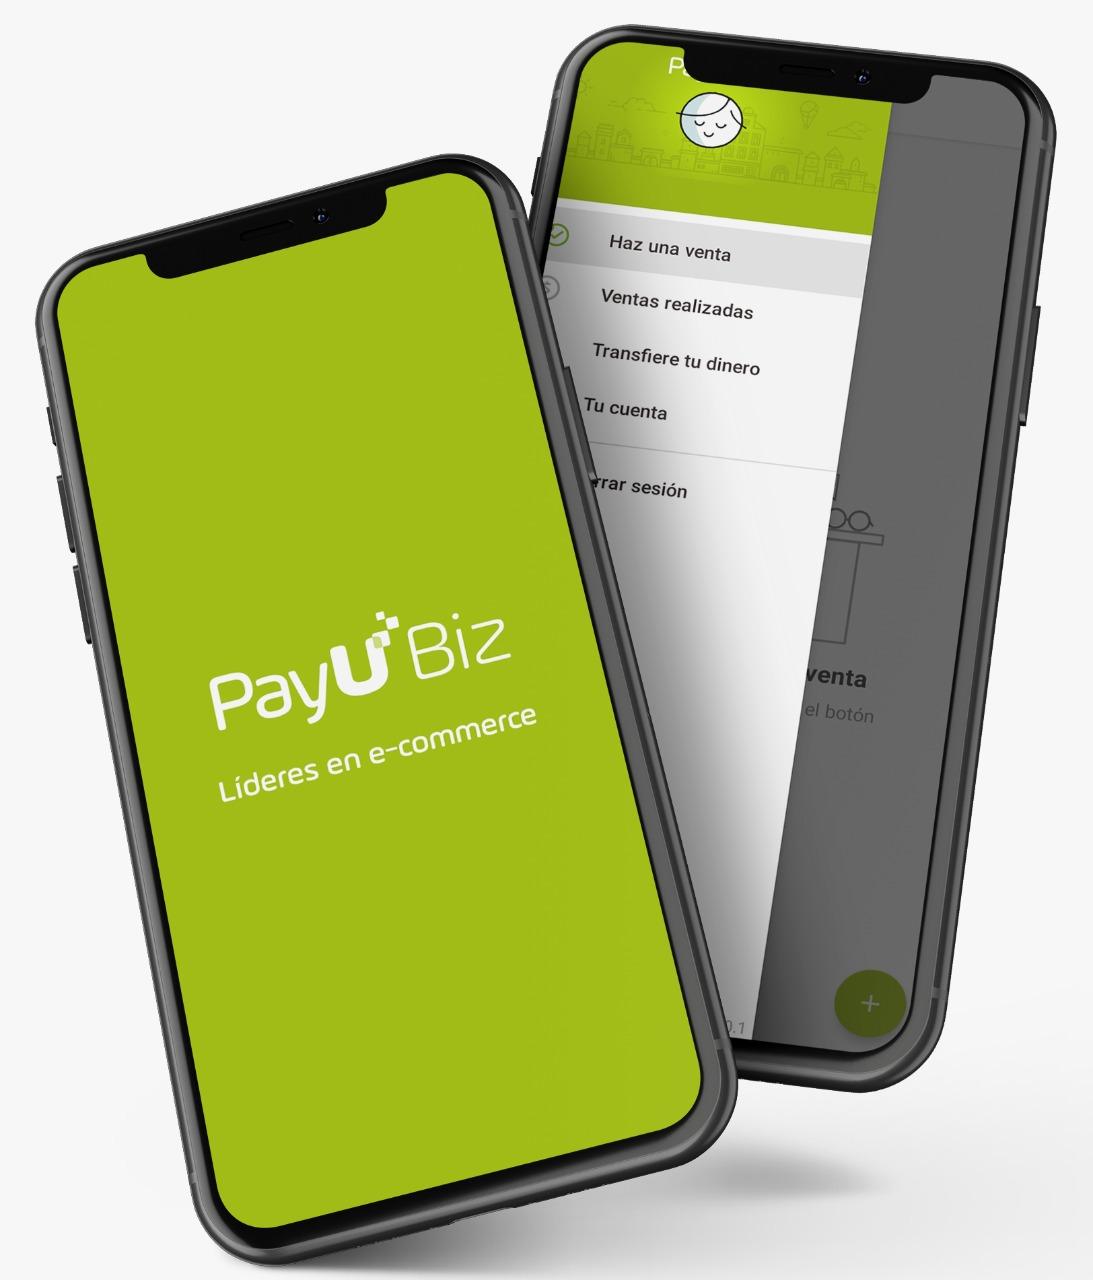 ¿Qué es PayU Biz y para qué sirve?